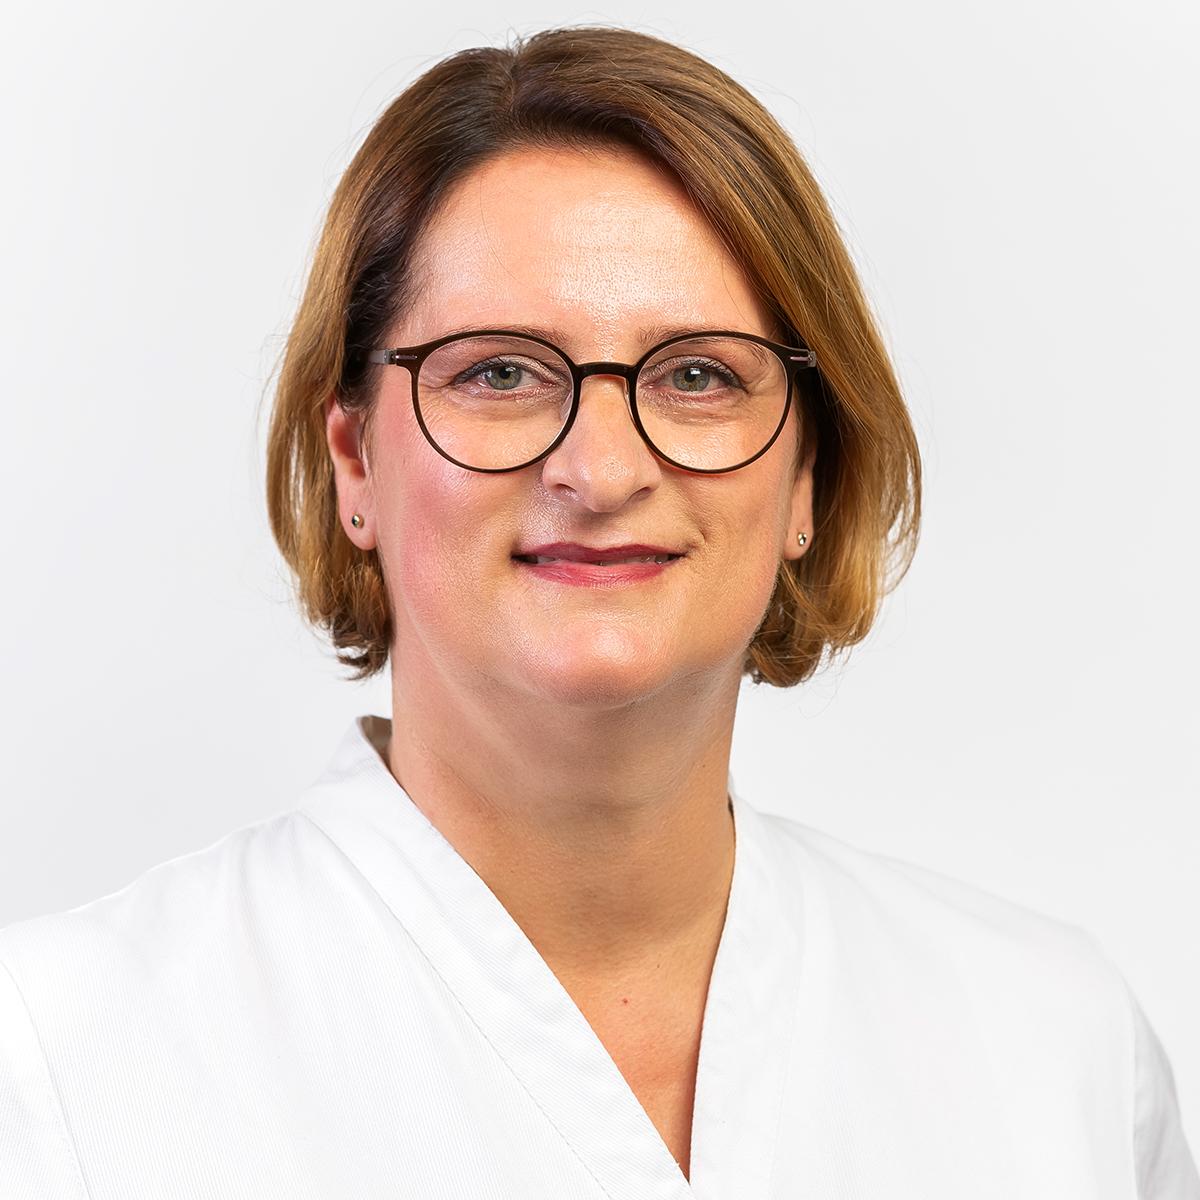 Andrea Eggert